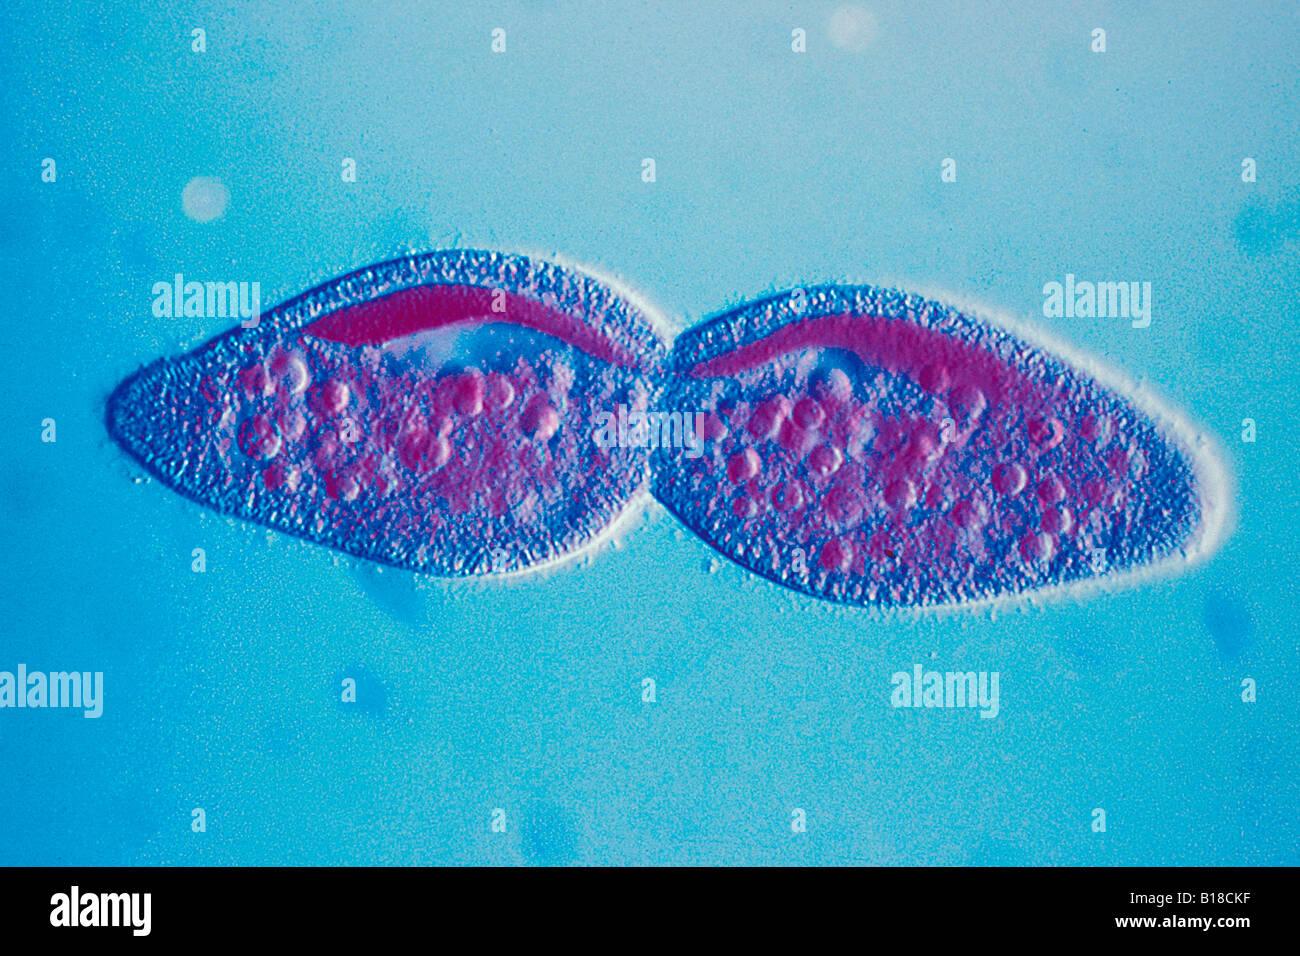 Divisione paramecio sotto microscopio ottico Immagini Stock